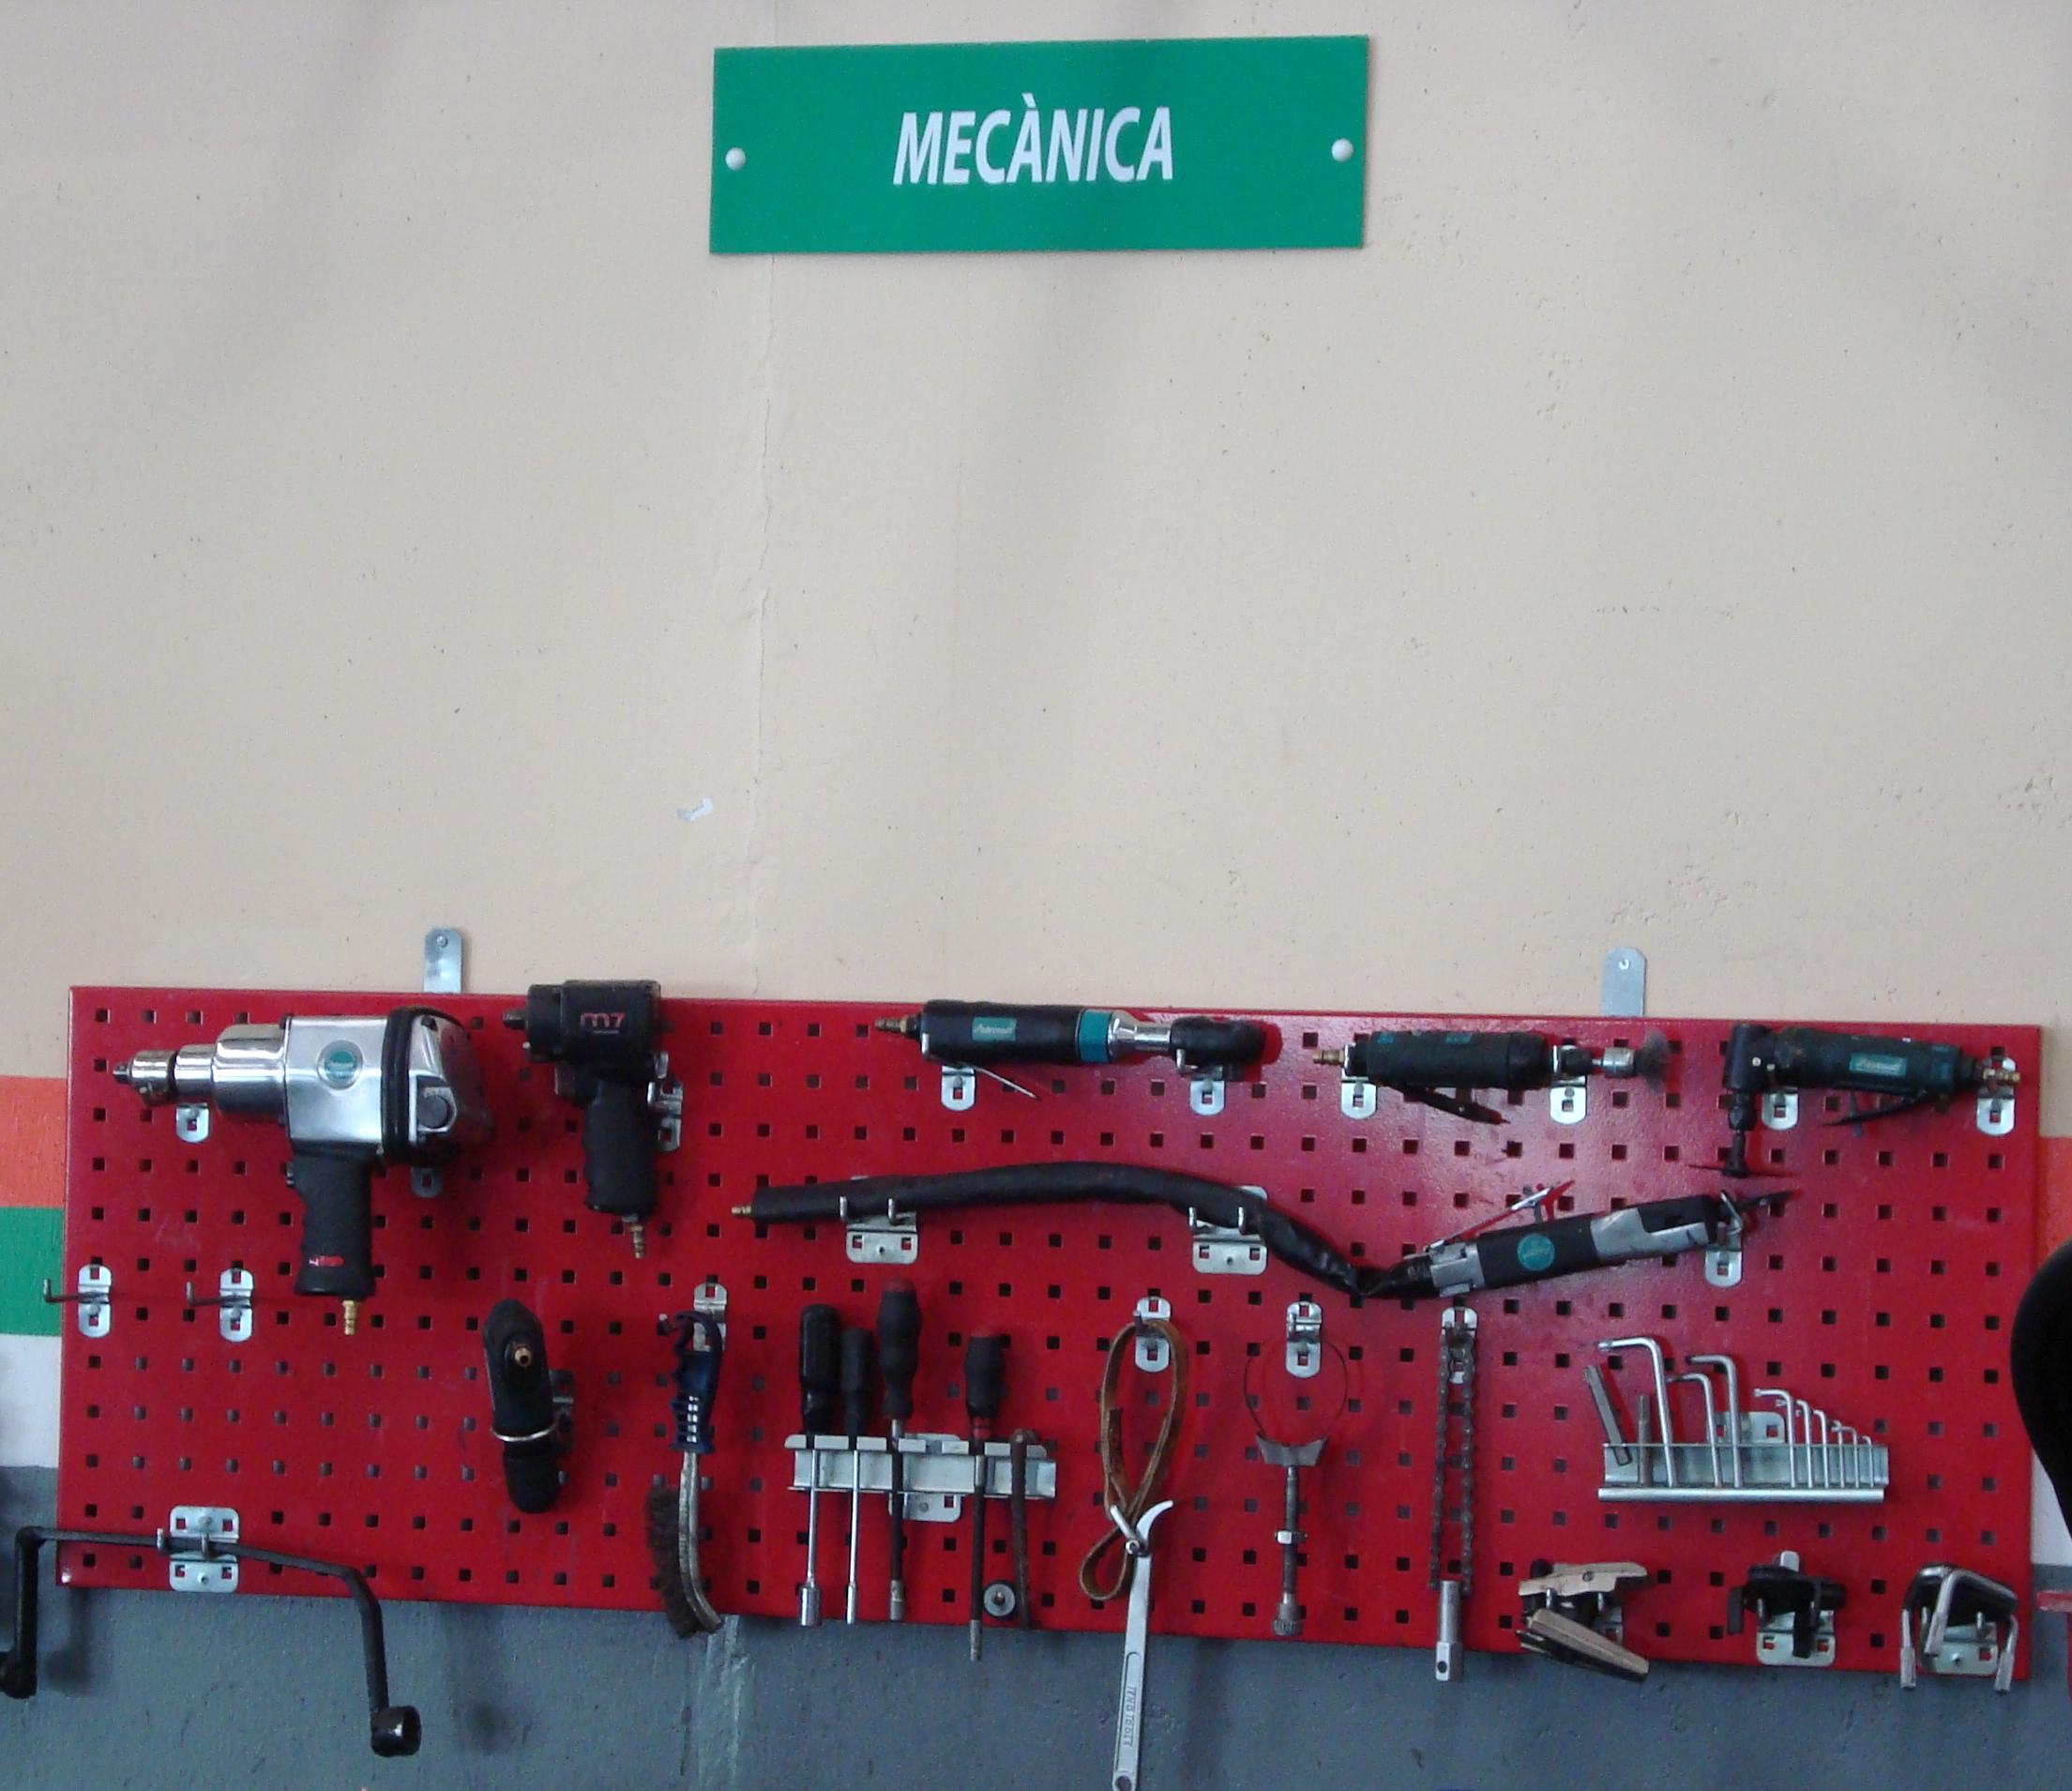 Mecánica.JPG